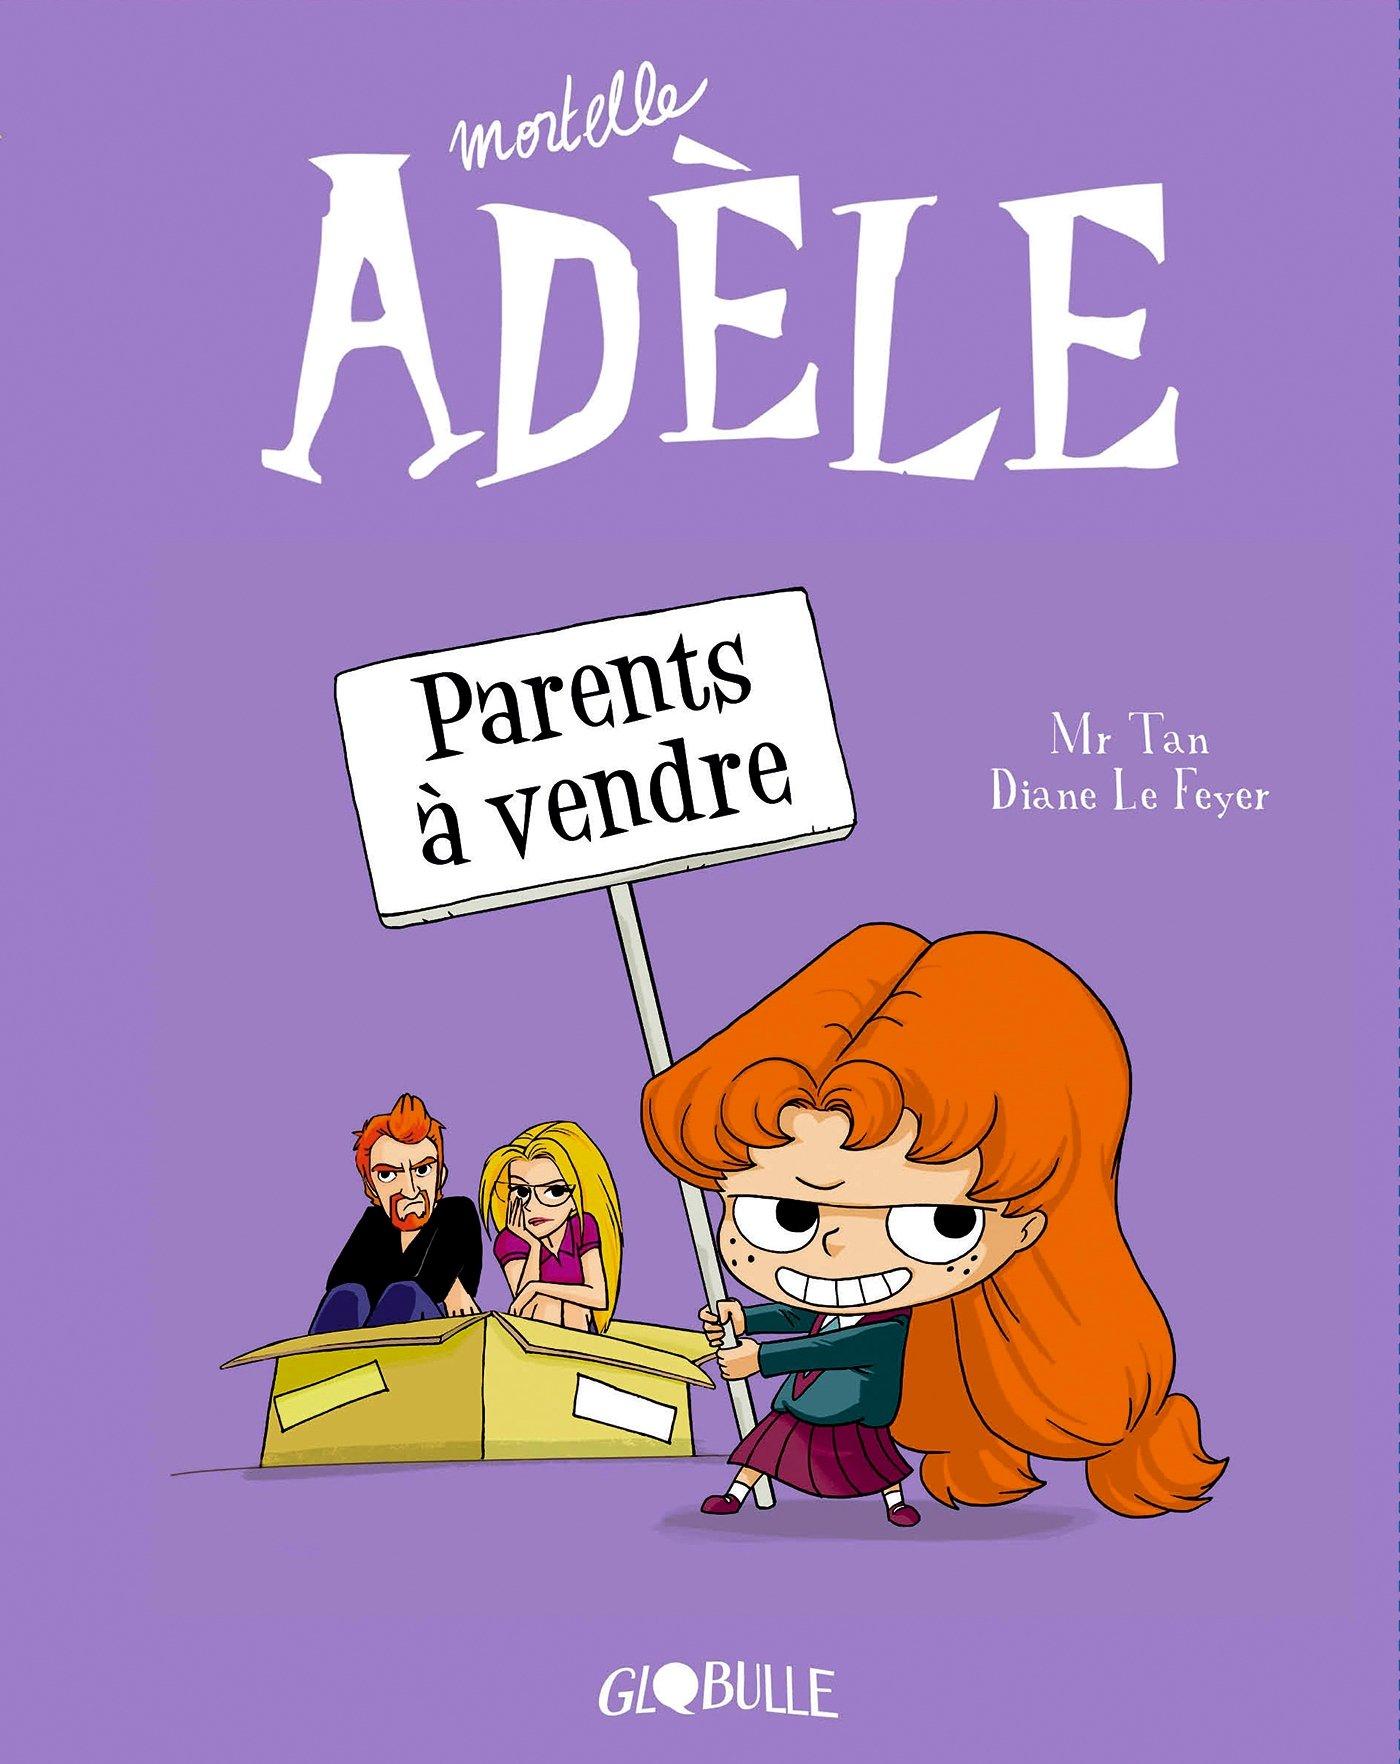 Mortelle Adèle, Tome 08: Parents à vendre Papeterie – 4 décembre 2014 M. TAN DIANE LE FEYER Tourbillon B00KBJOZEC